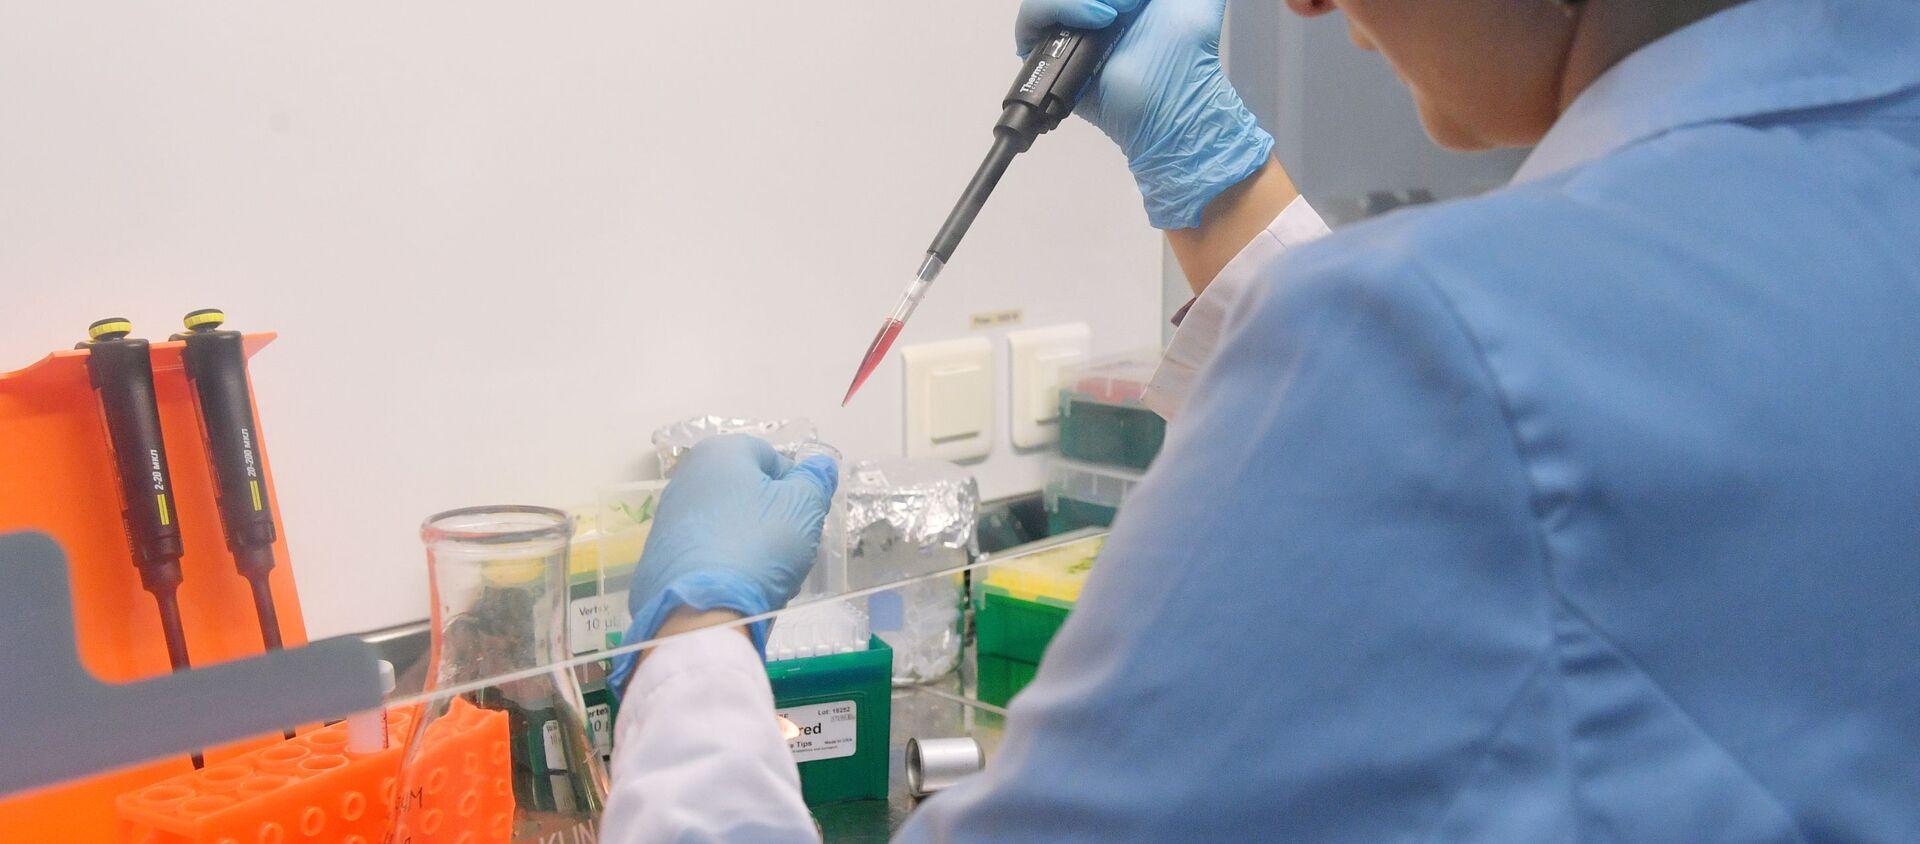 Сотрудница лаборатории проводит испытания вакцины  Спутник V от COVID-19  - Sputnik Грузия, 1920, 04.03.2021